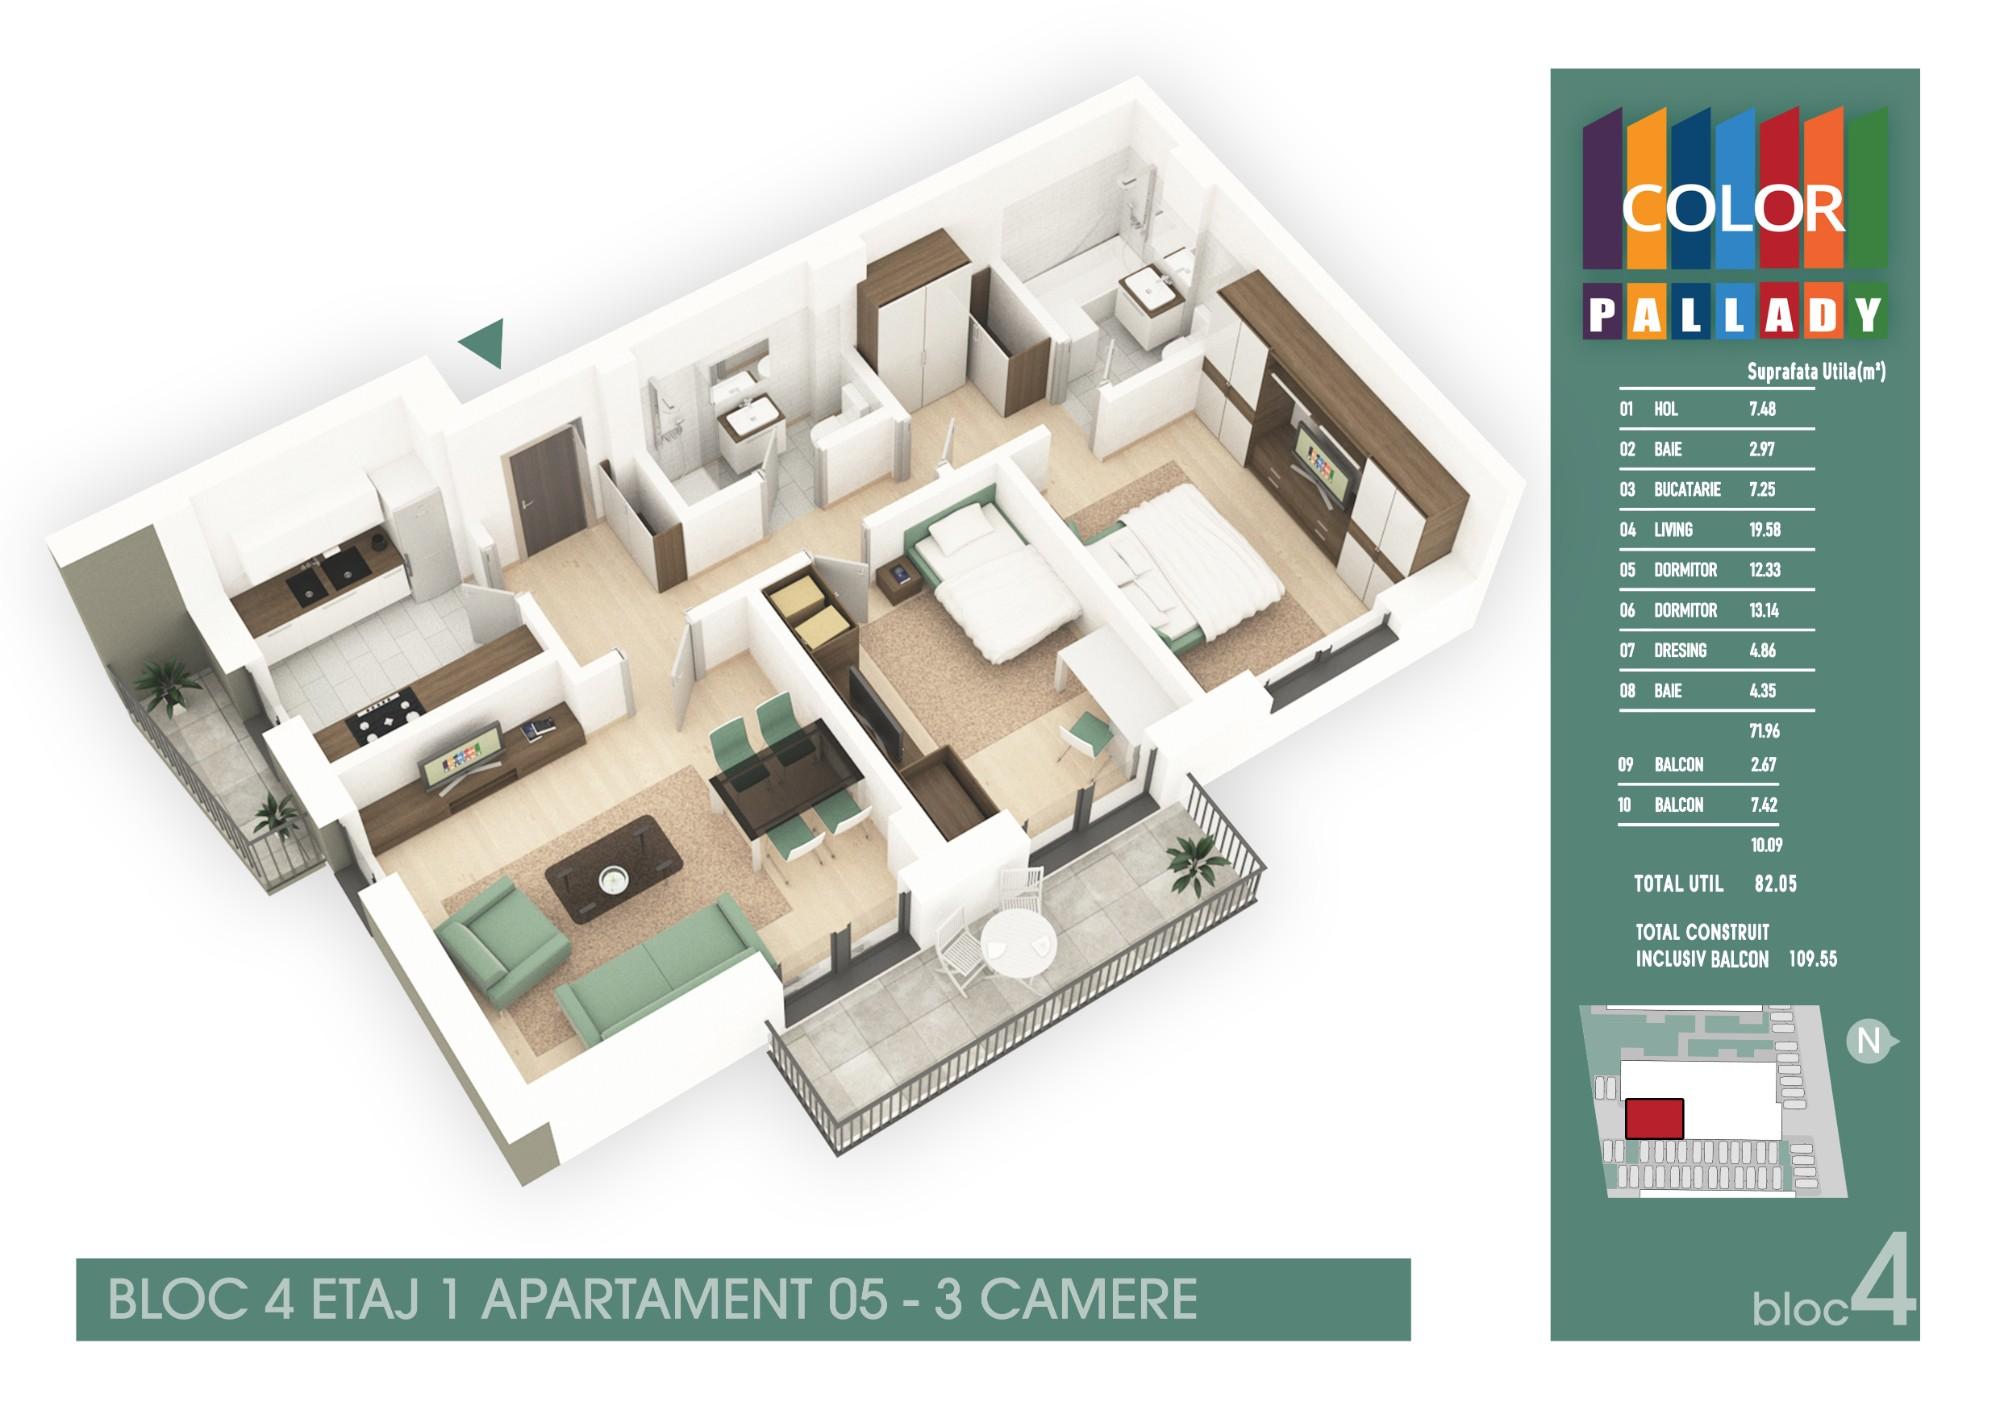 Bloc 4 - Etaj 1 - Apartament 05